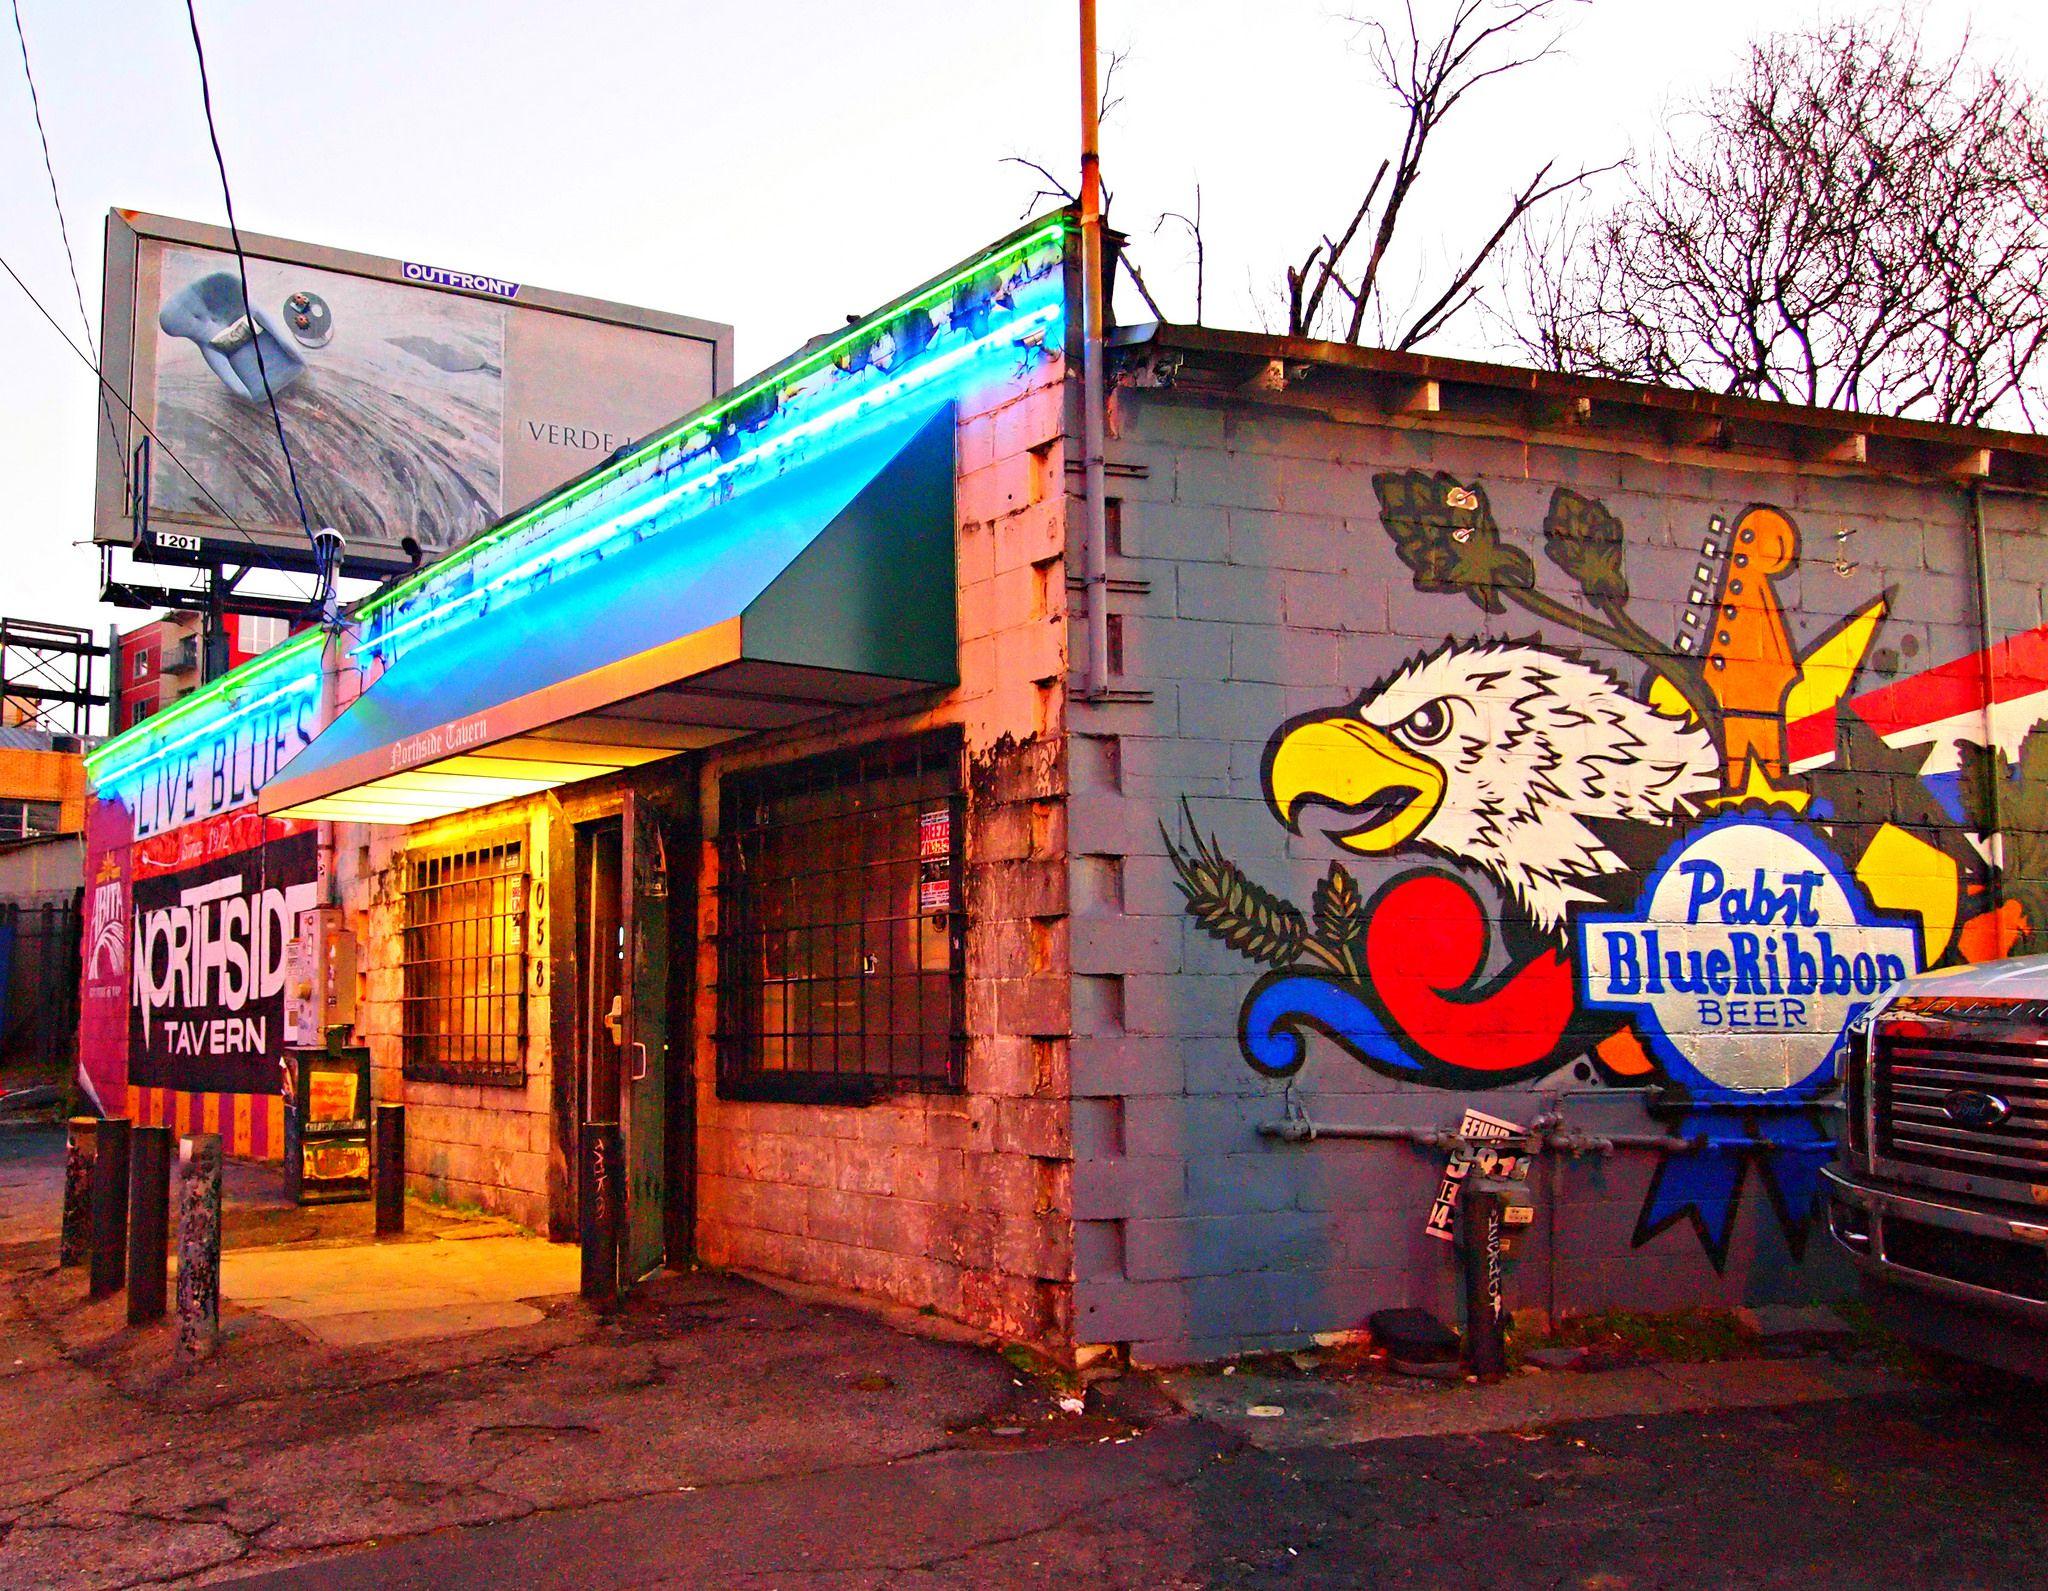 Northside Tavern Atlanta (Westside), Georgia